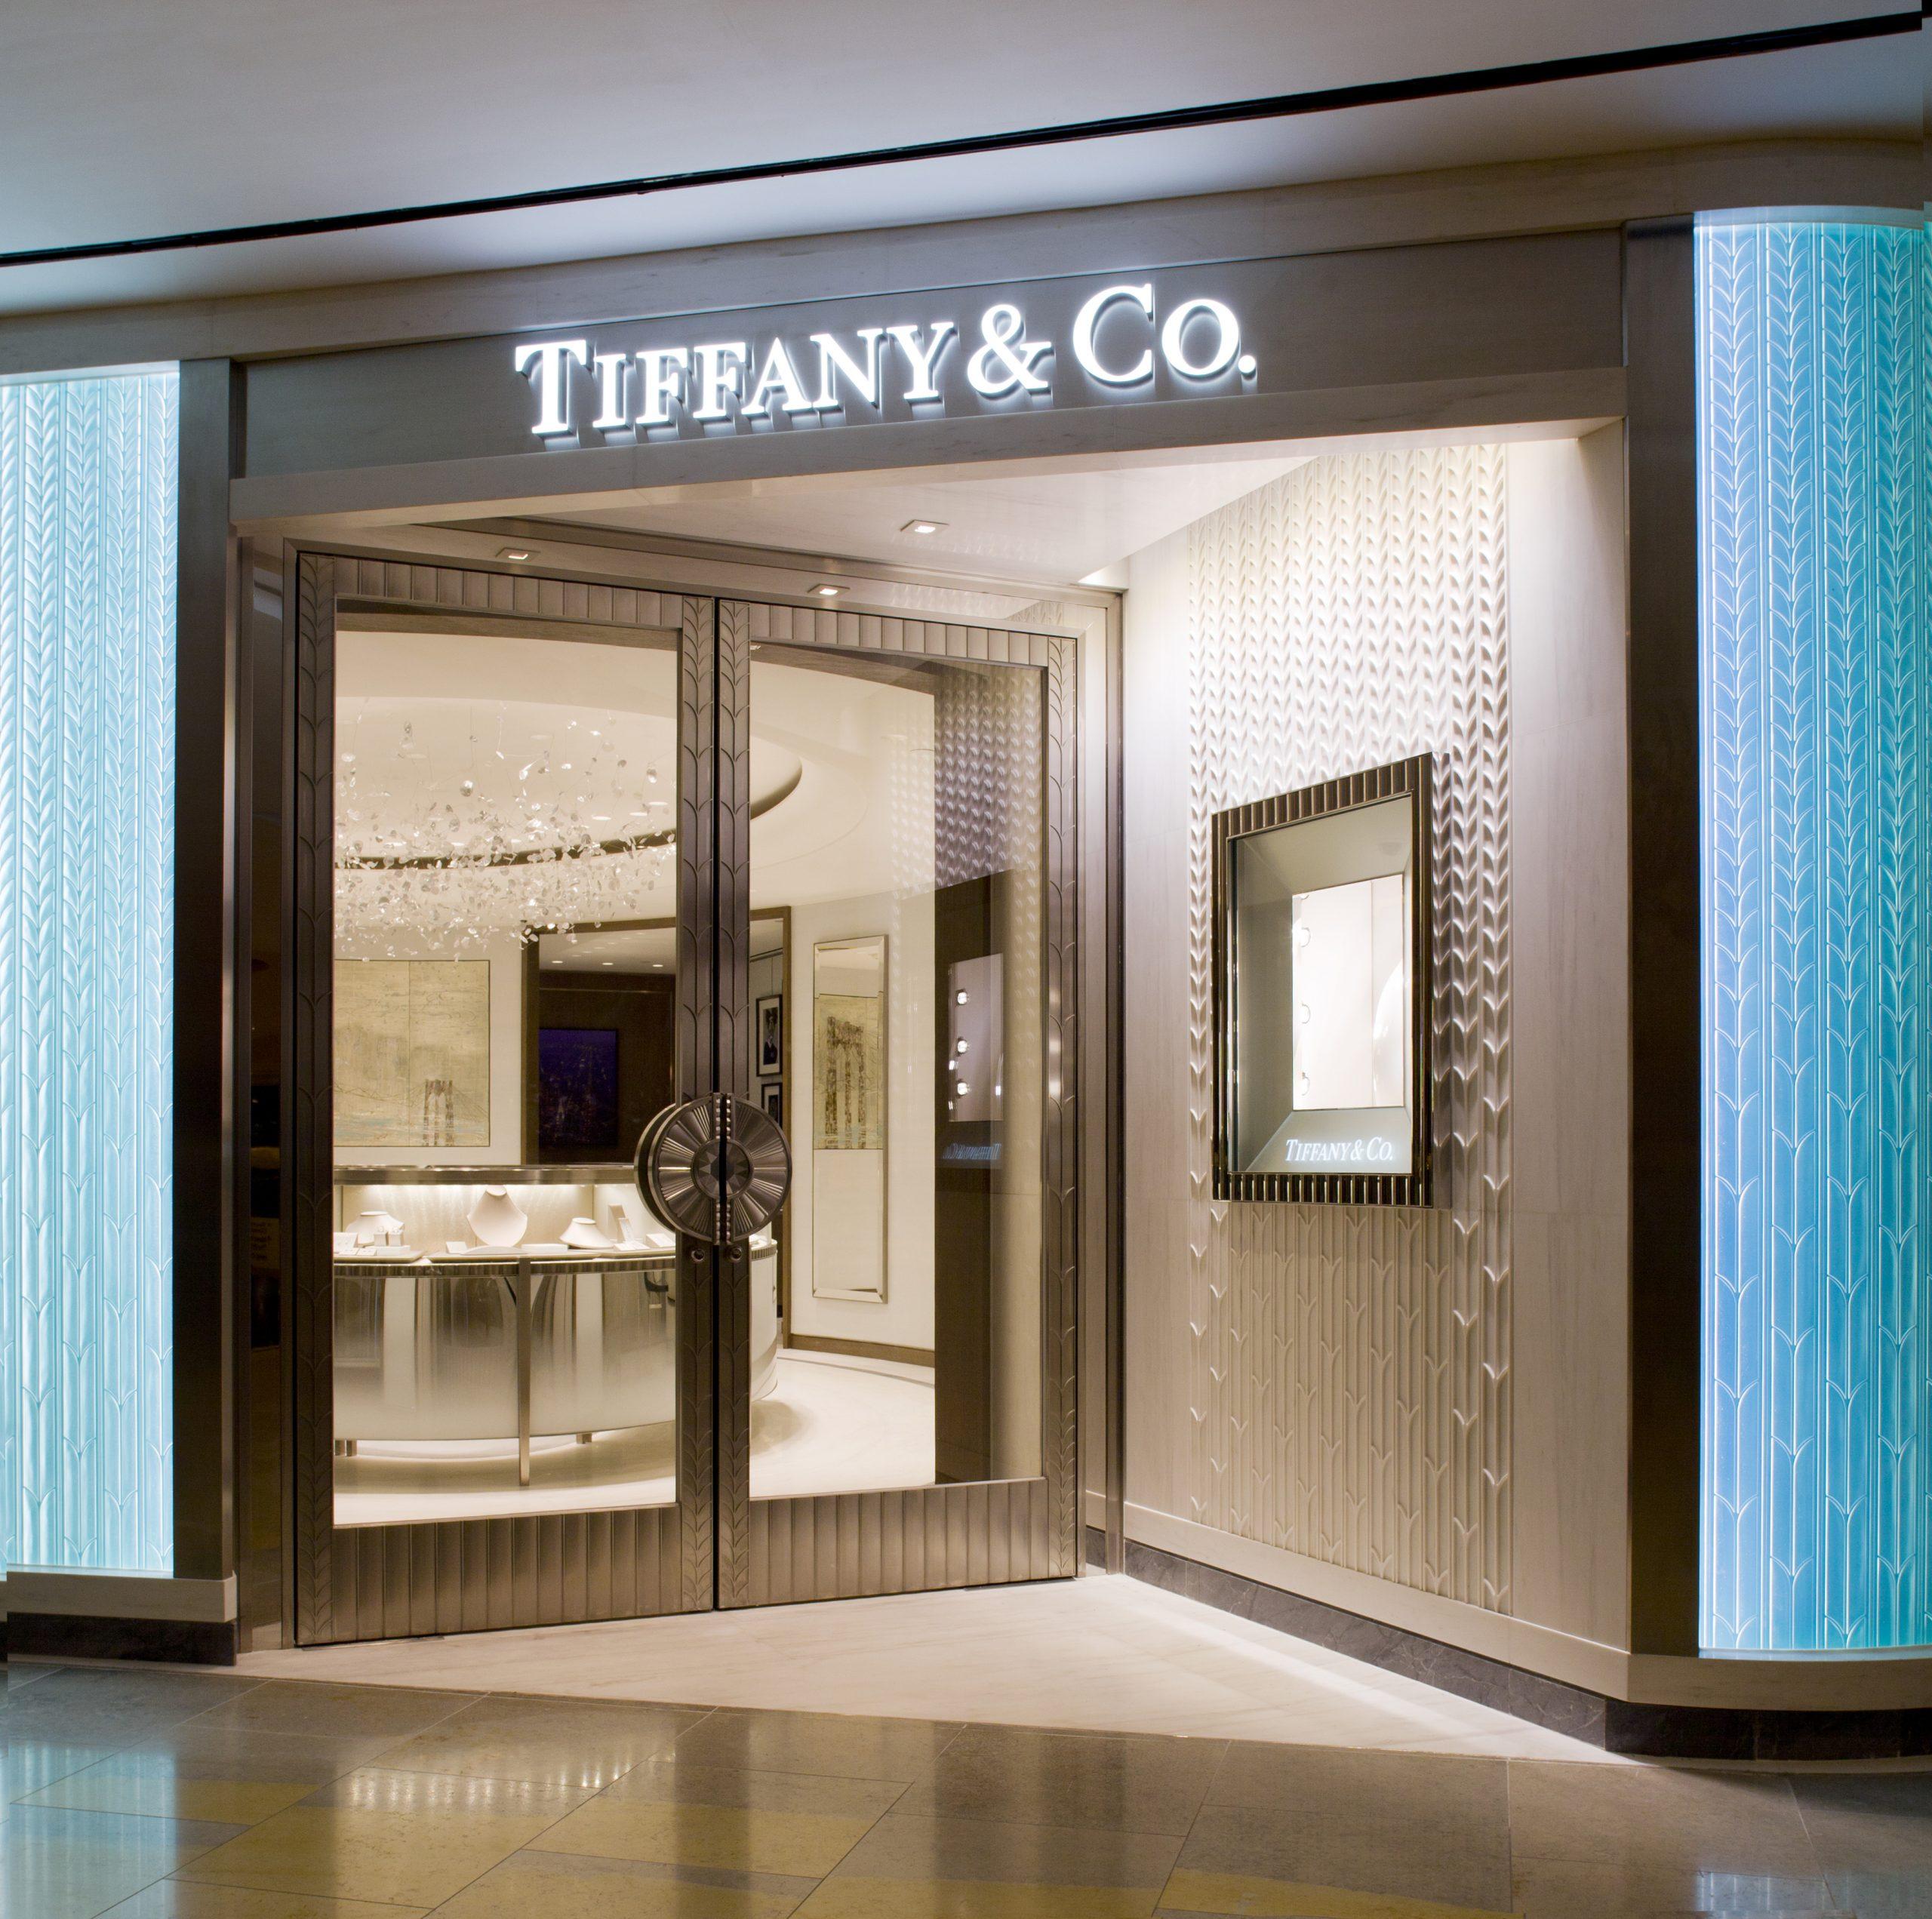 Tiffany's Hong Kong Pacific Place